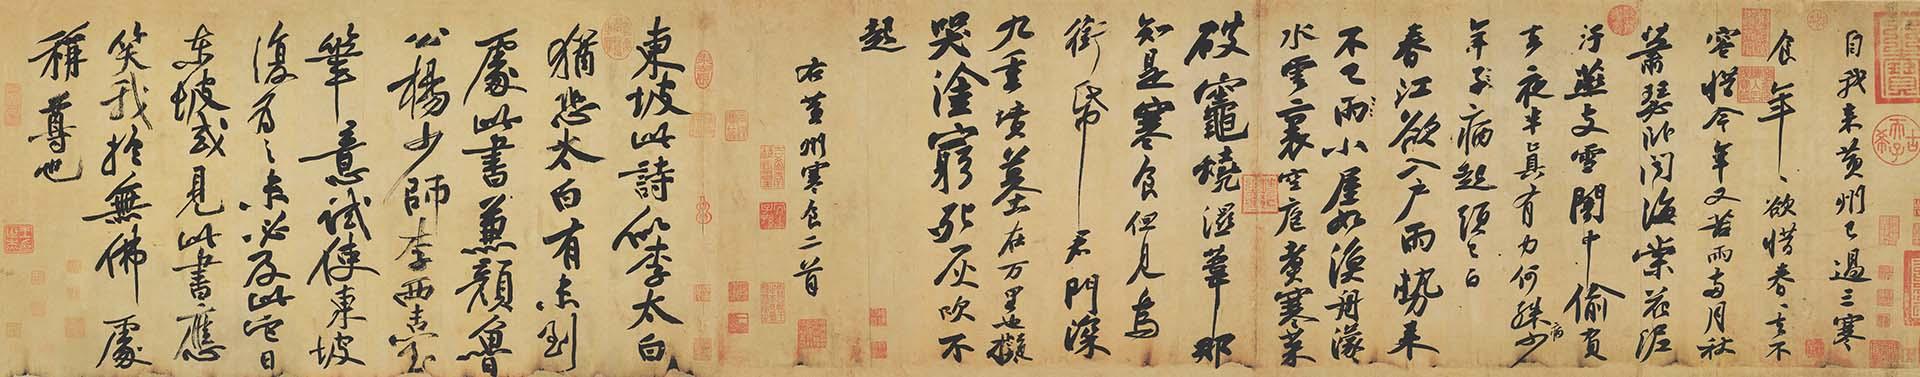 宋 苏轼 黄州寒食帖全卷纸本33.5x118传世名帖